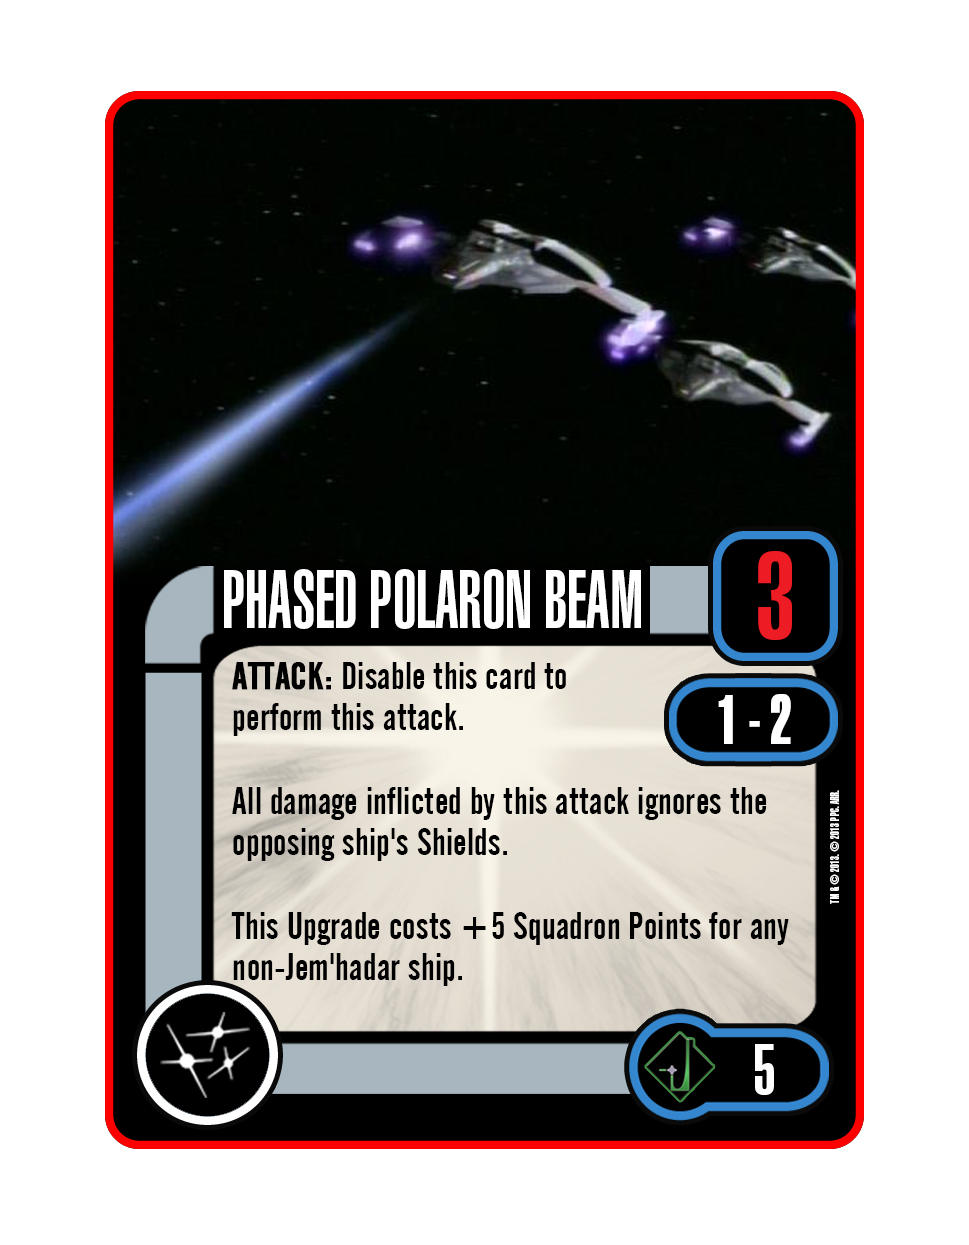 Weapon - Phased Polaron Beam